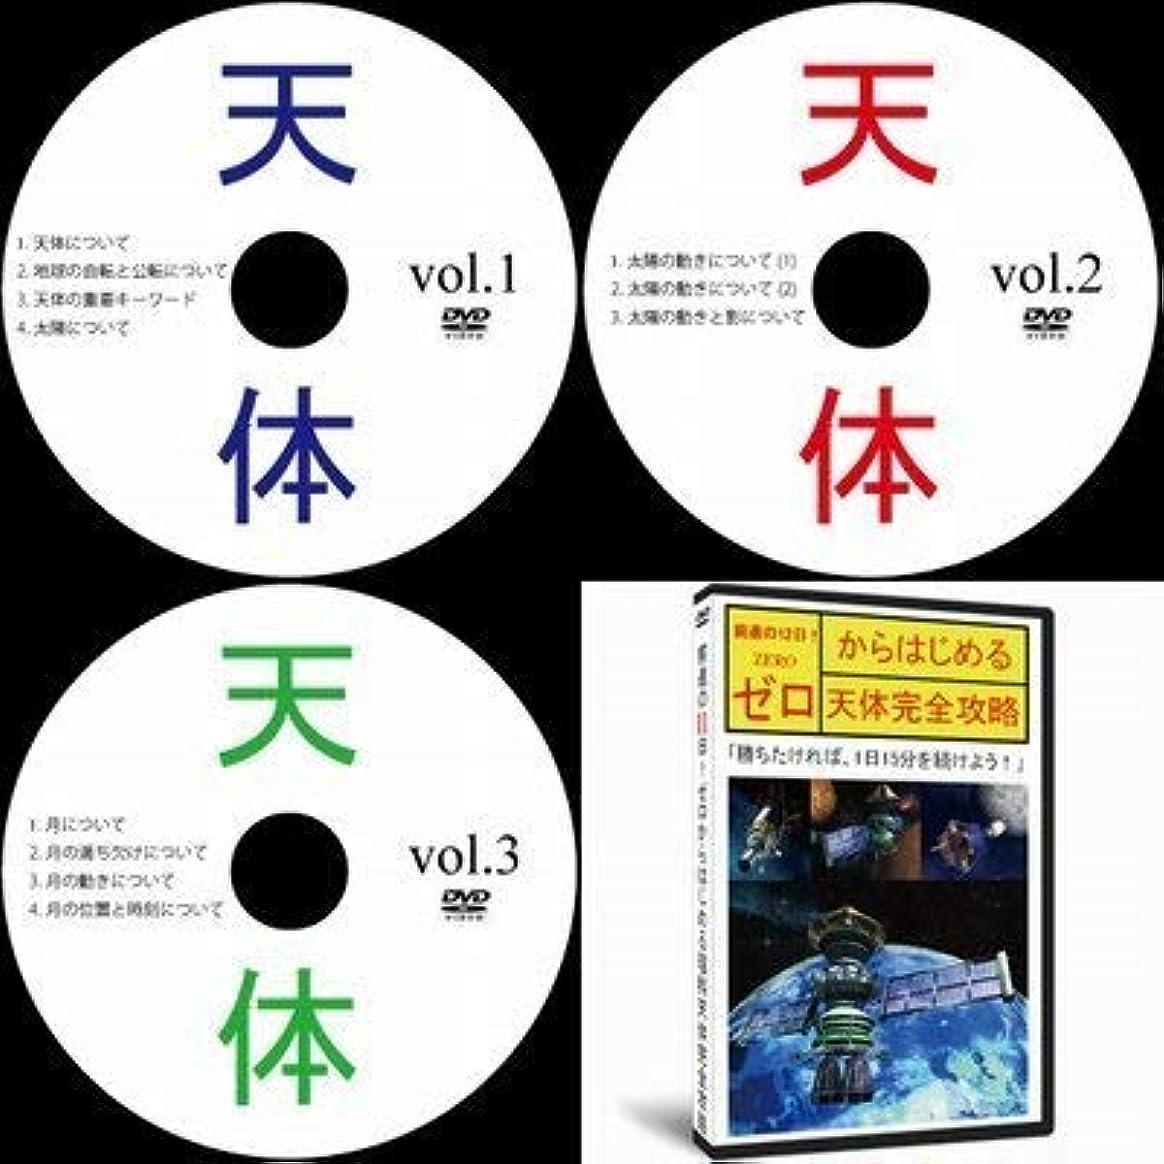 アンソロジー批判的につば中学受験理科天体DVD全3巻